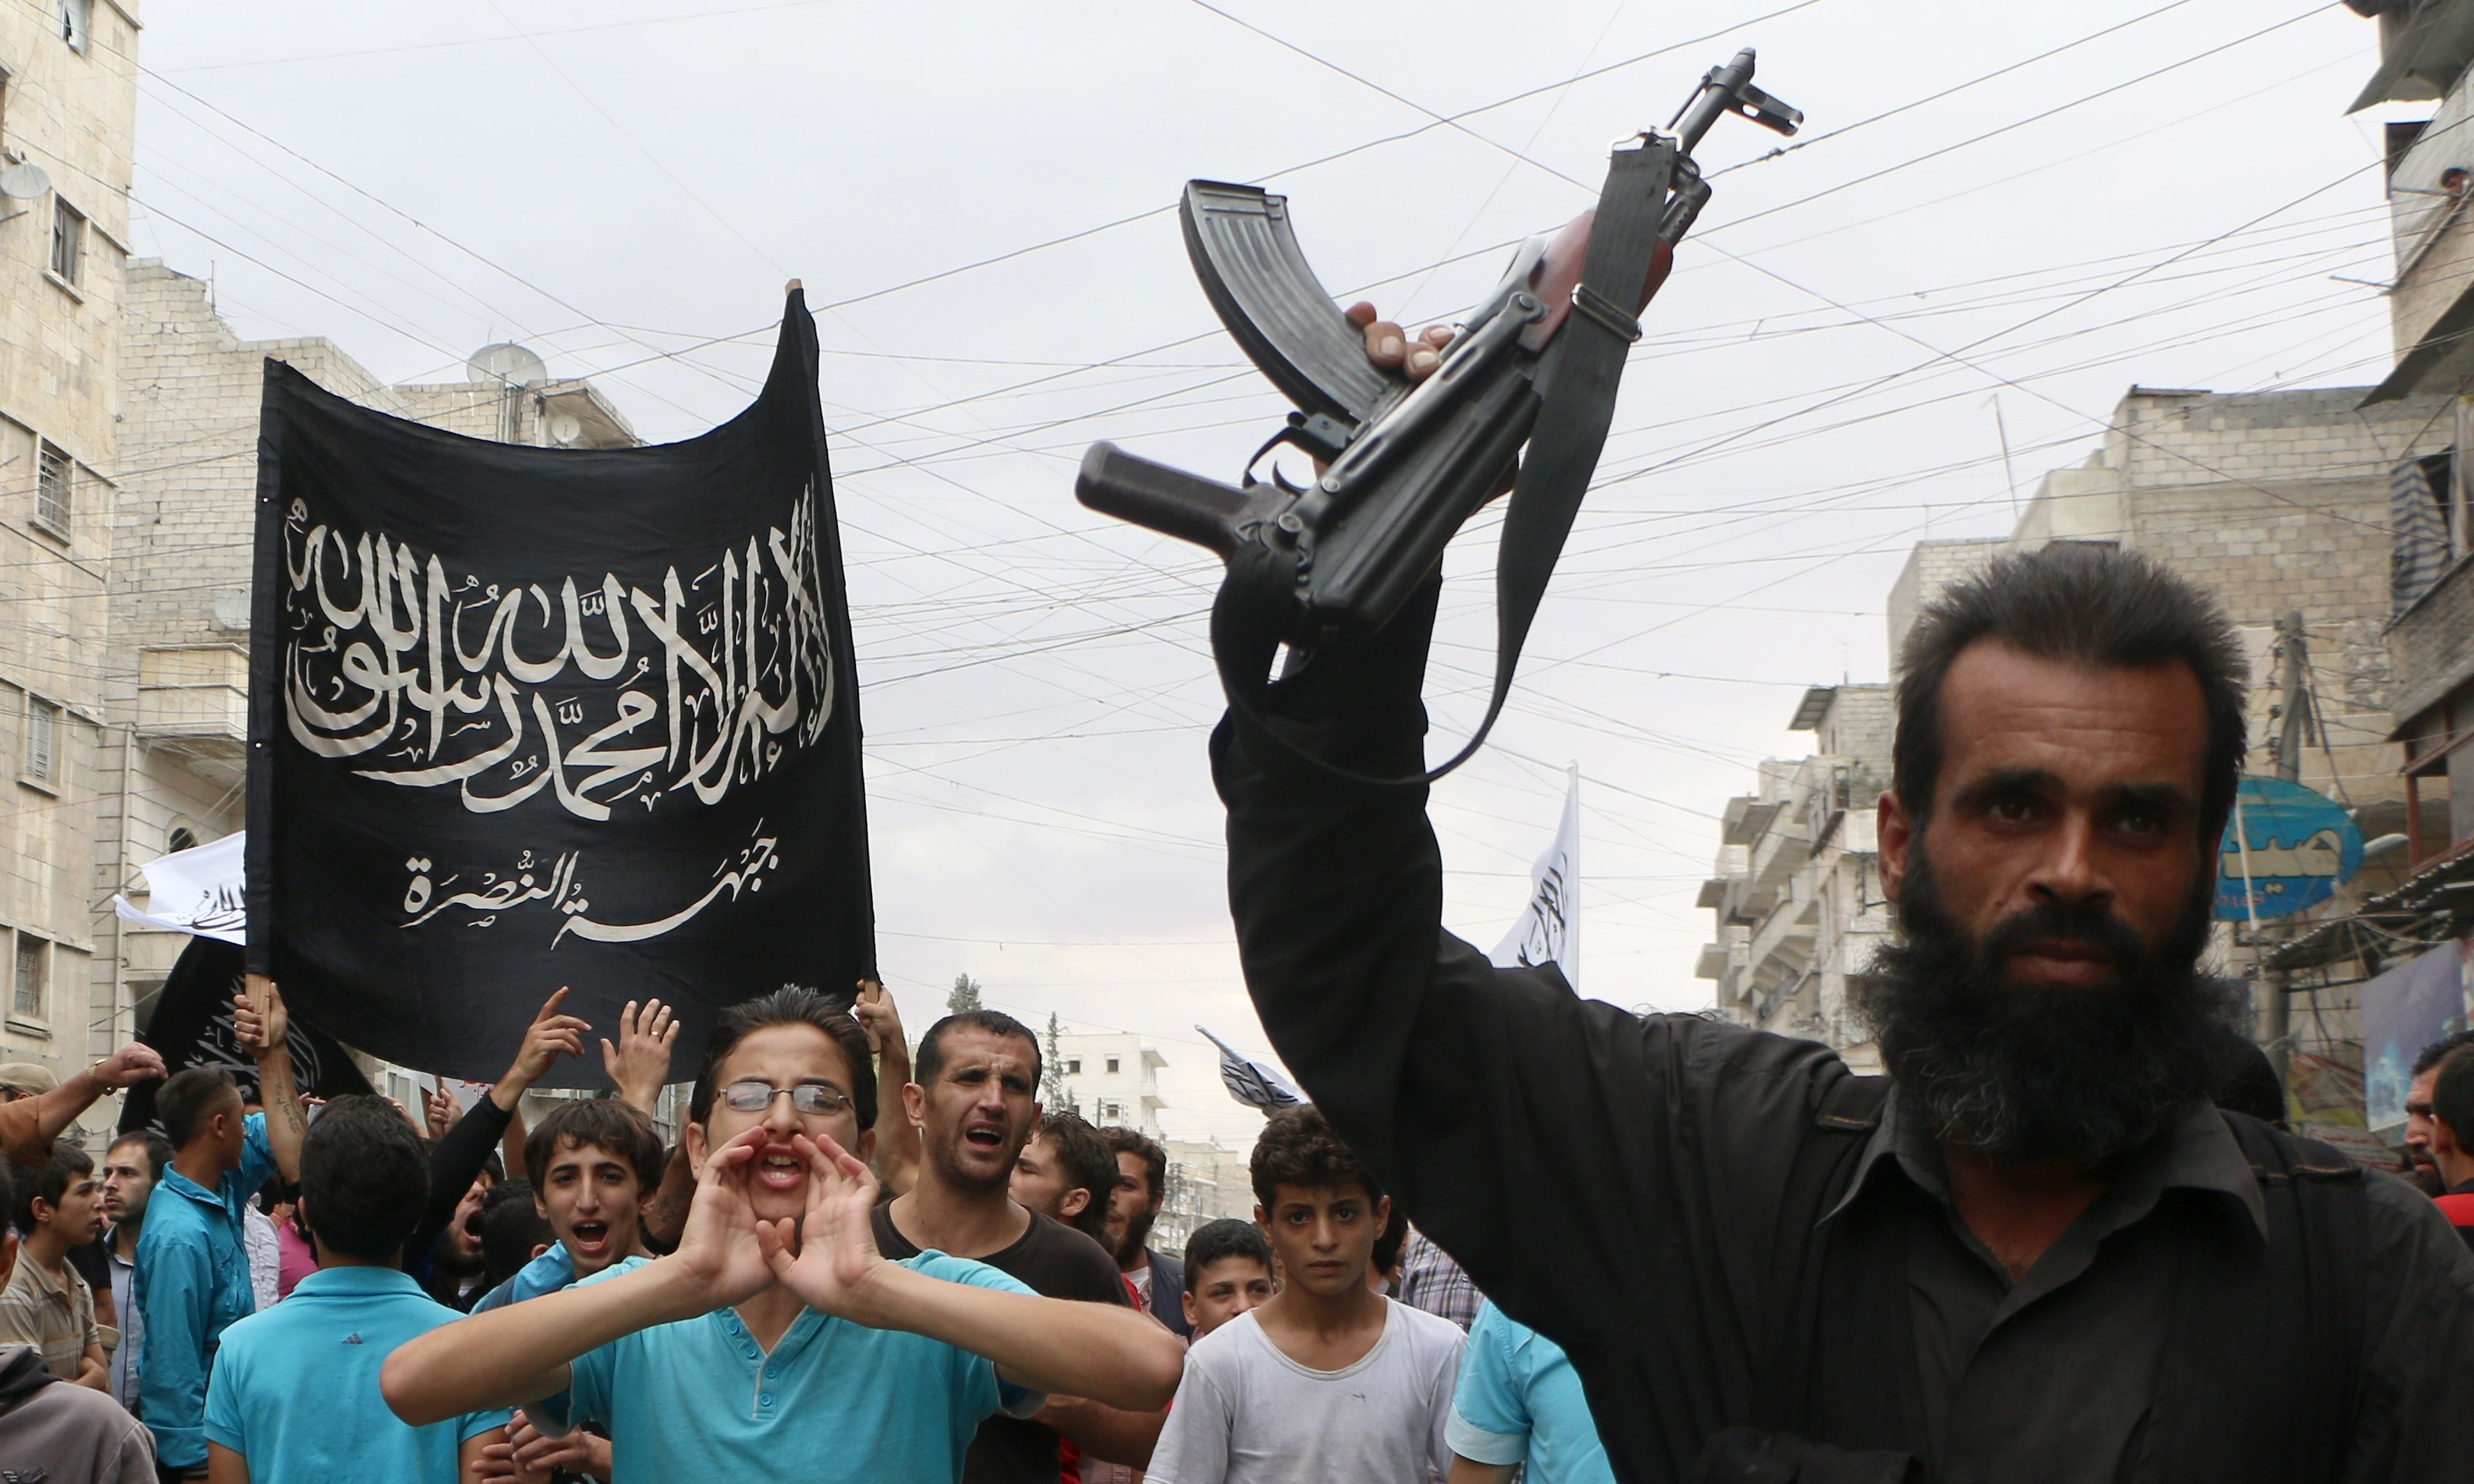 De entrada, que Al Khorasan, más que una filial de Al Qaeda o una organización independiente es una red de Al Qaeda Central en territorio sirio. Ahora bien, protegida y en connivencia con Jabhat Al Nusra que sí es formalmente una filial de Al Qaeda Central.